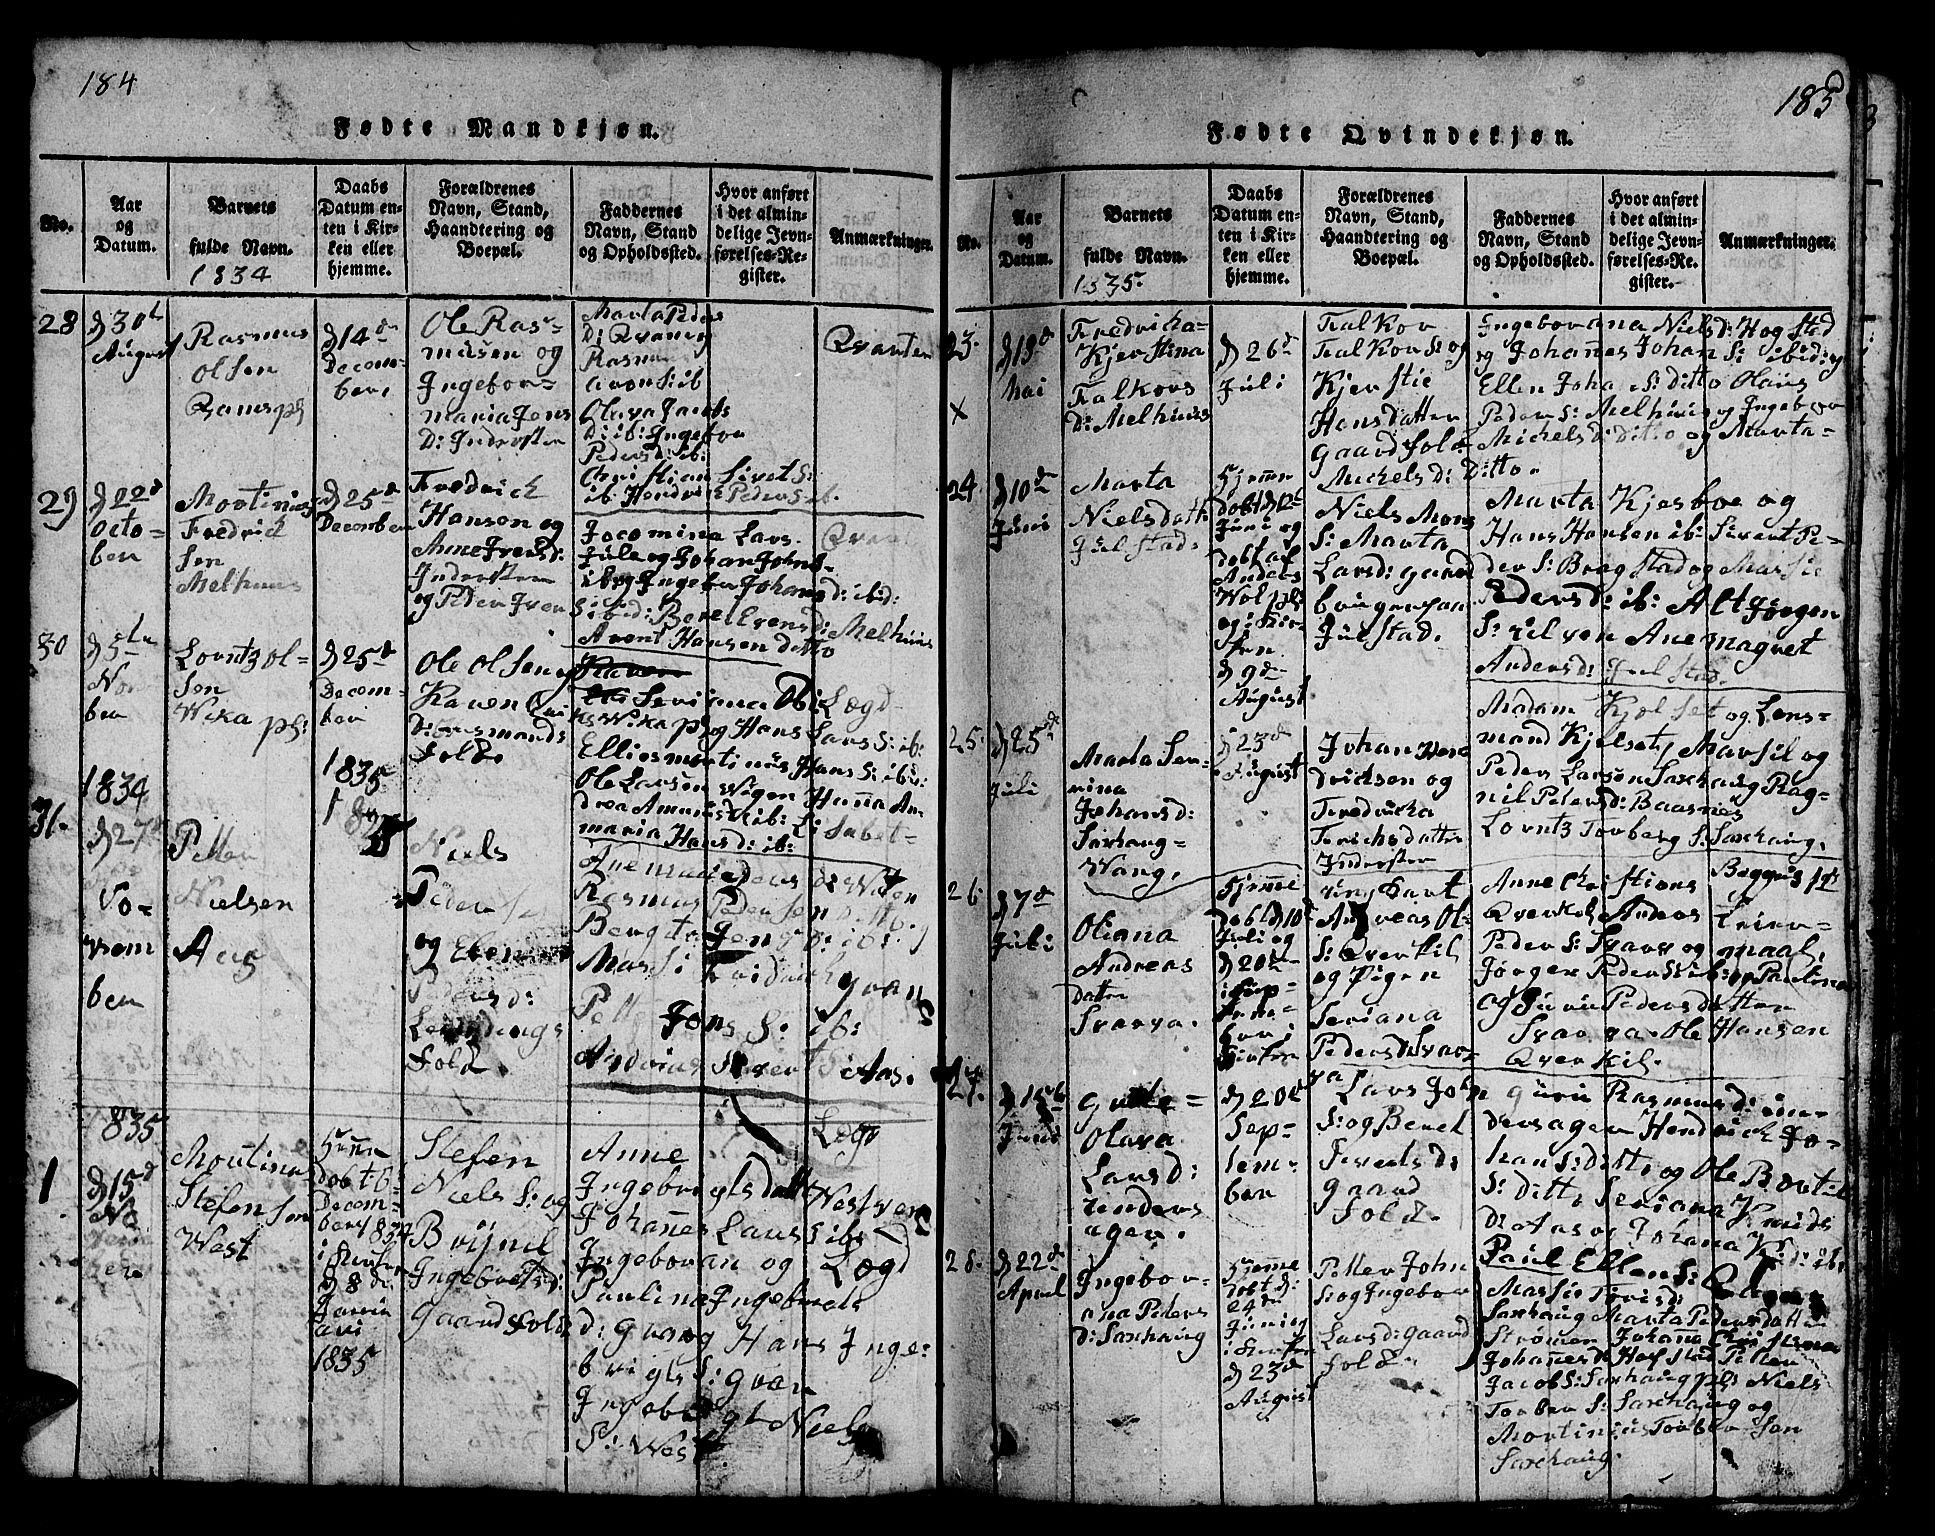 SAT, Ministerialprotokoller, klokkerbøker og fødselsregistre - Nord-Trøndelag, 730/L0298: Klokkerbok nr. 730C01, 1816-1849, s. 184-185